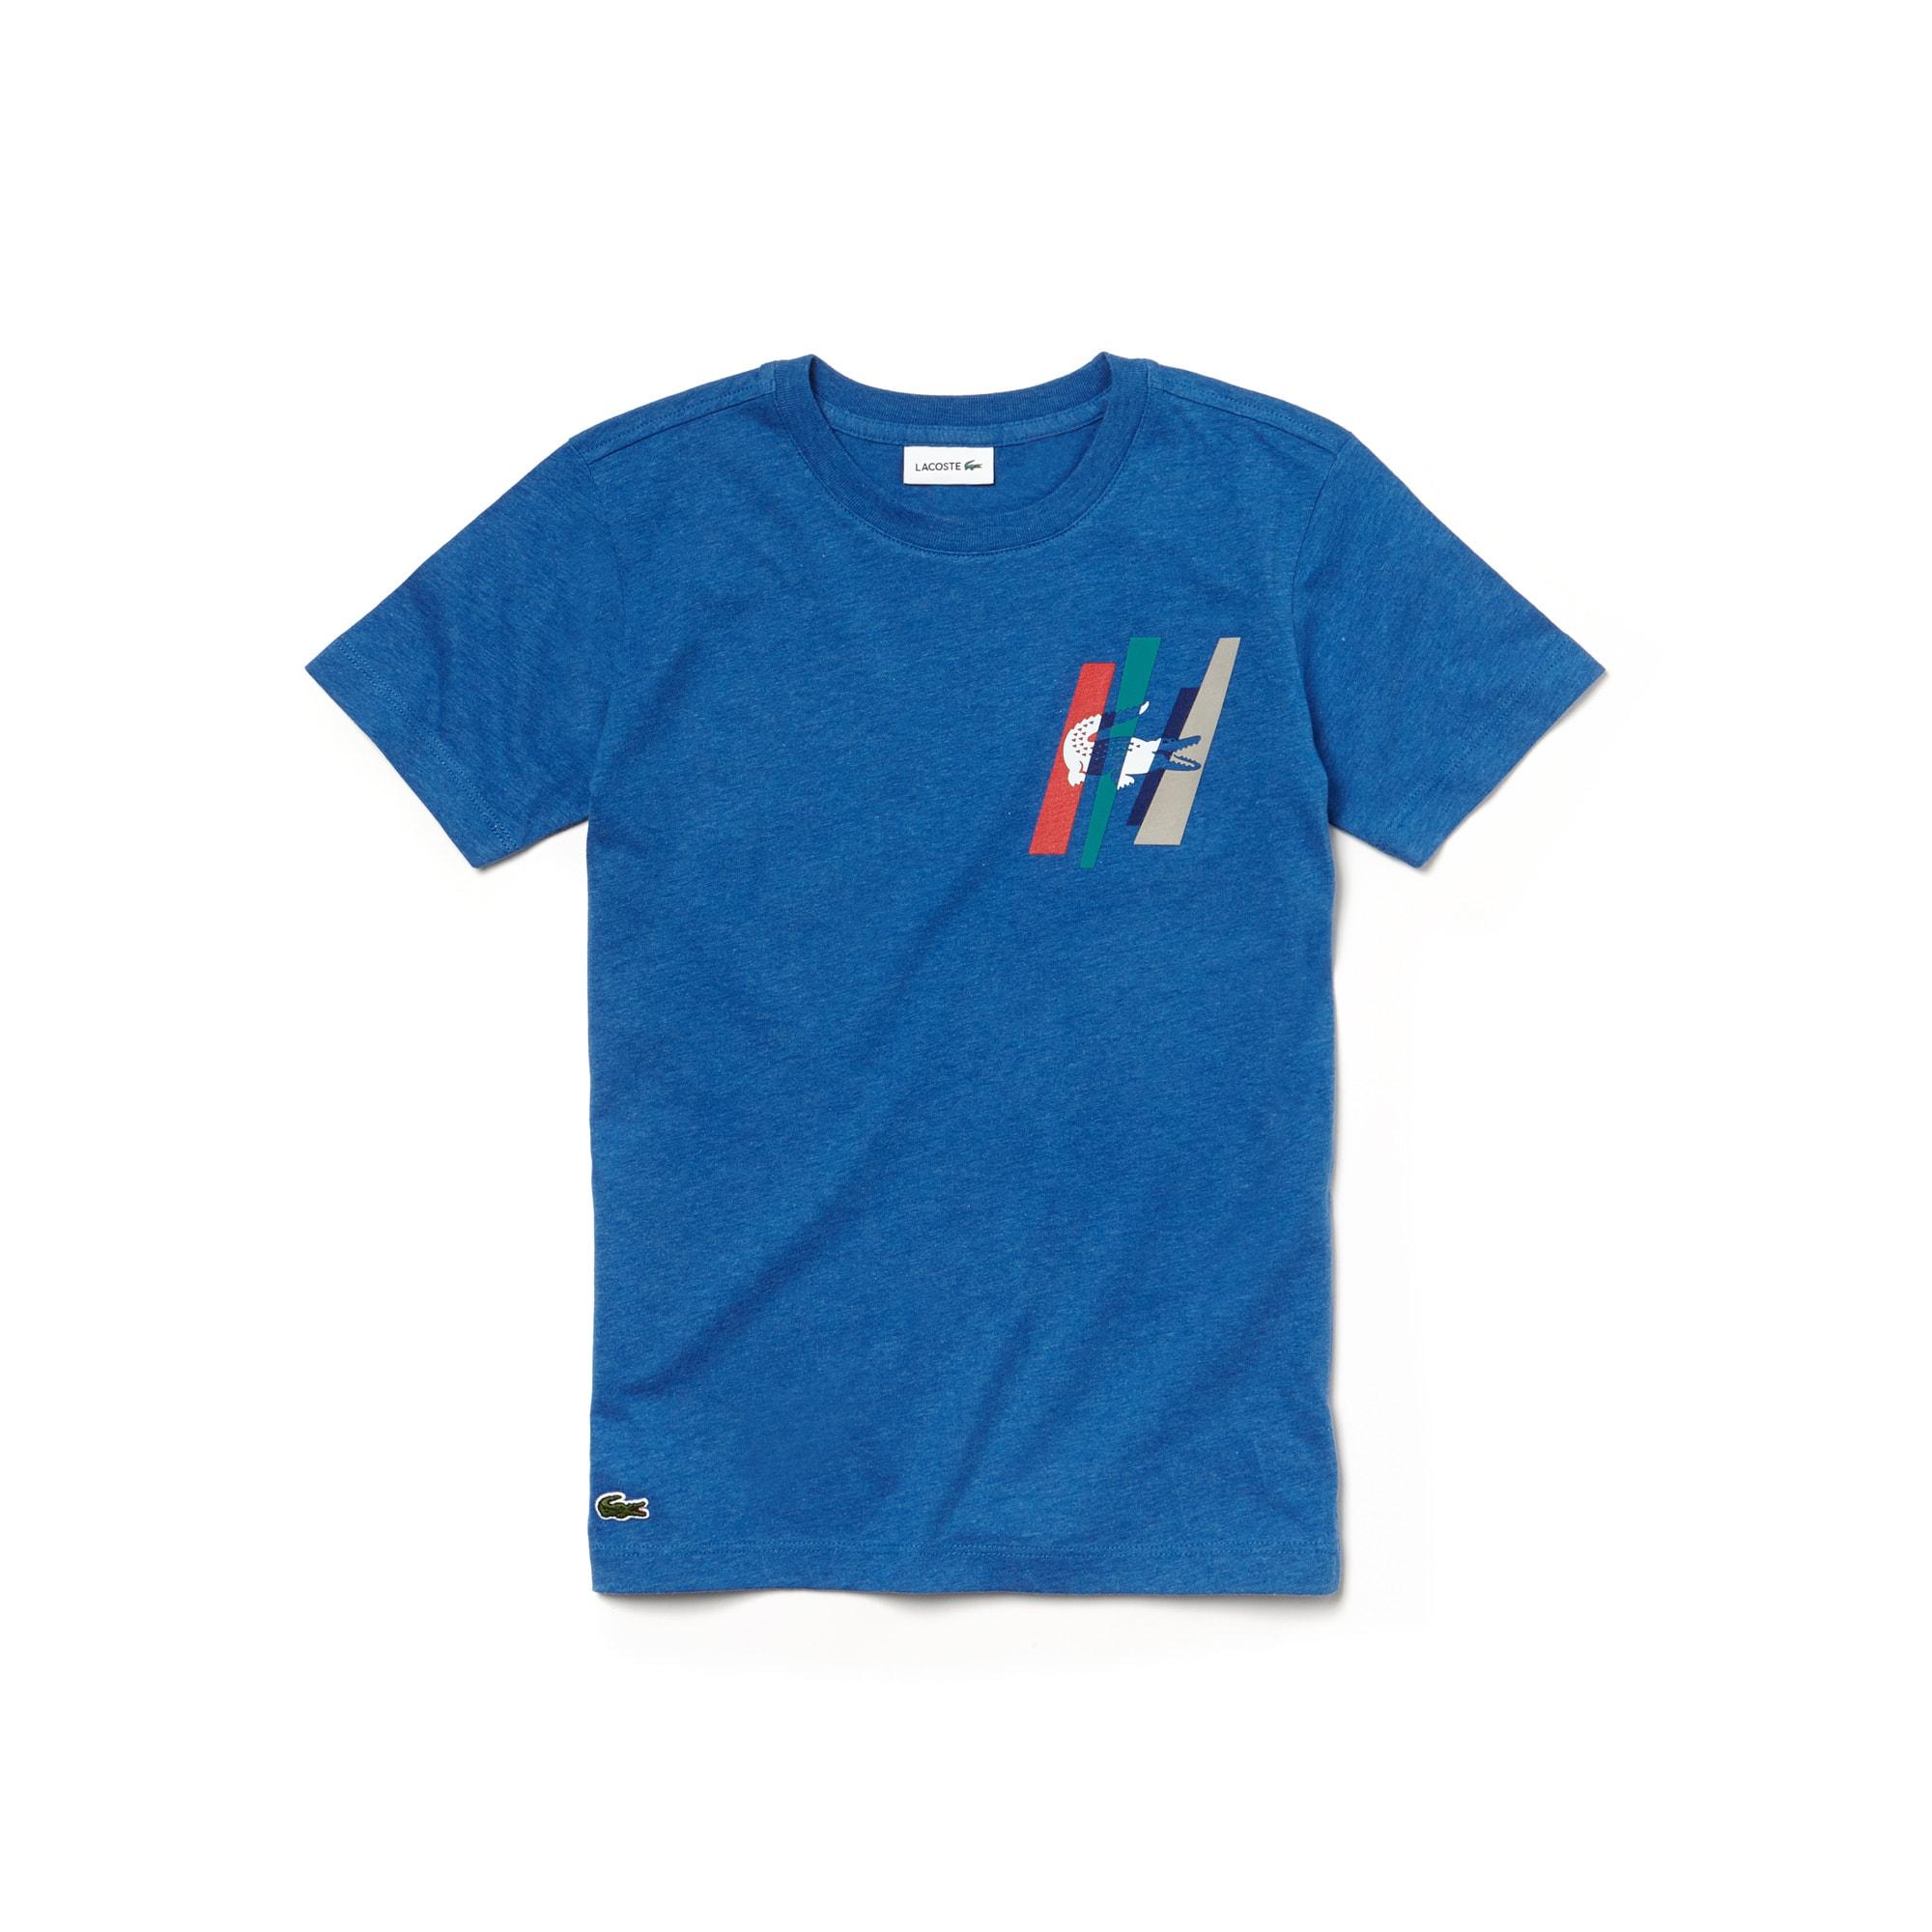 Jungen-Rundhals-T-Shirt aus Jersey mit Krokodildesign